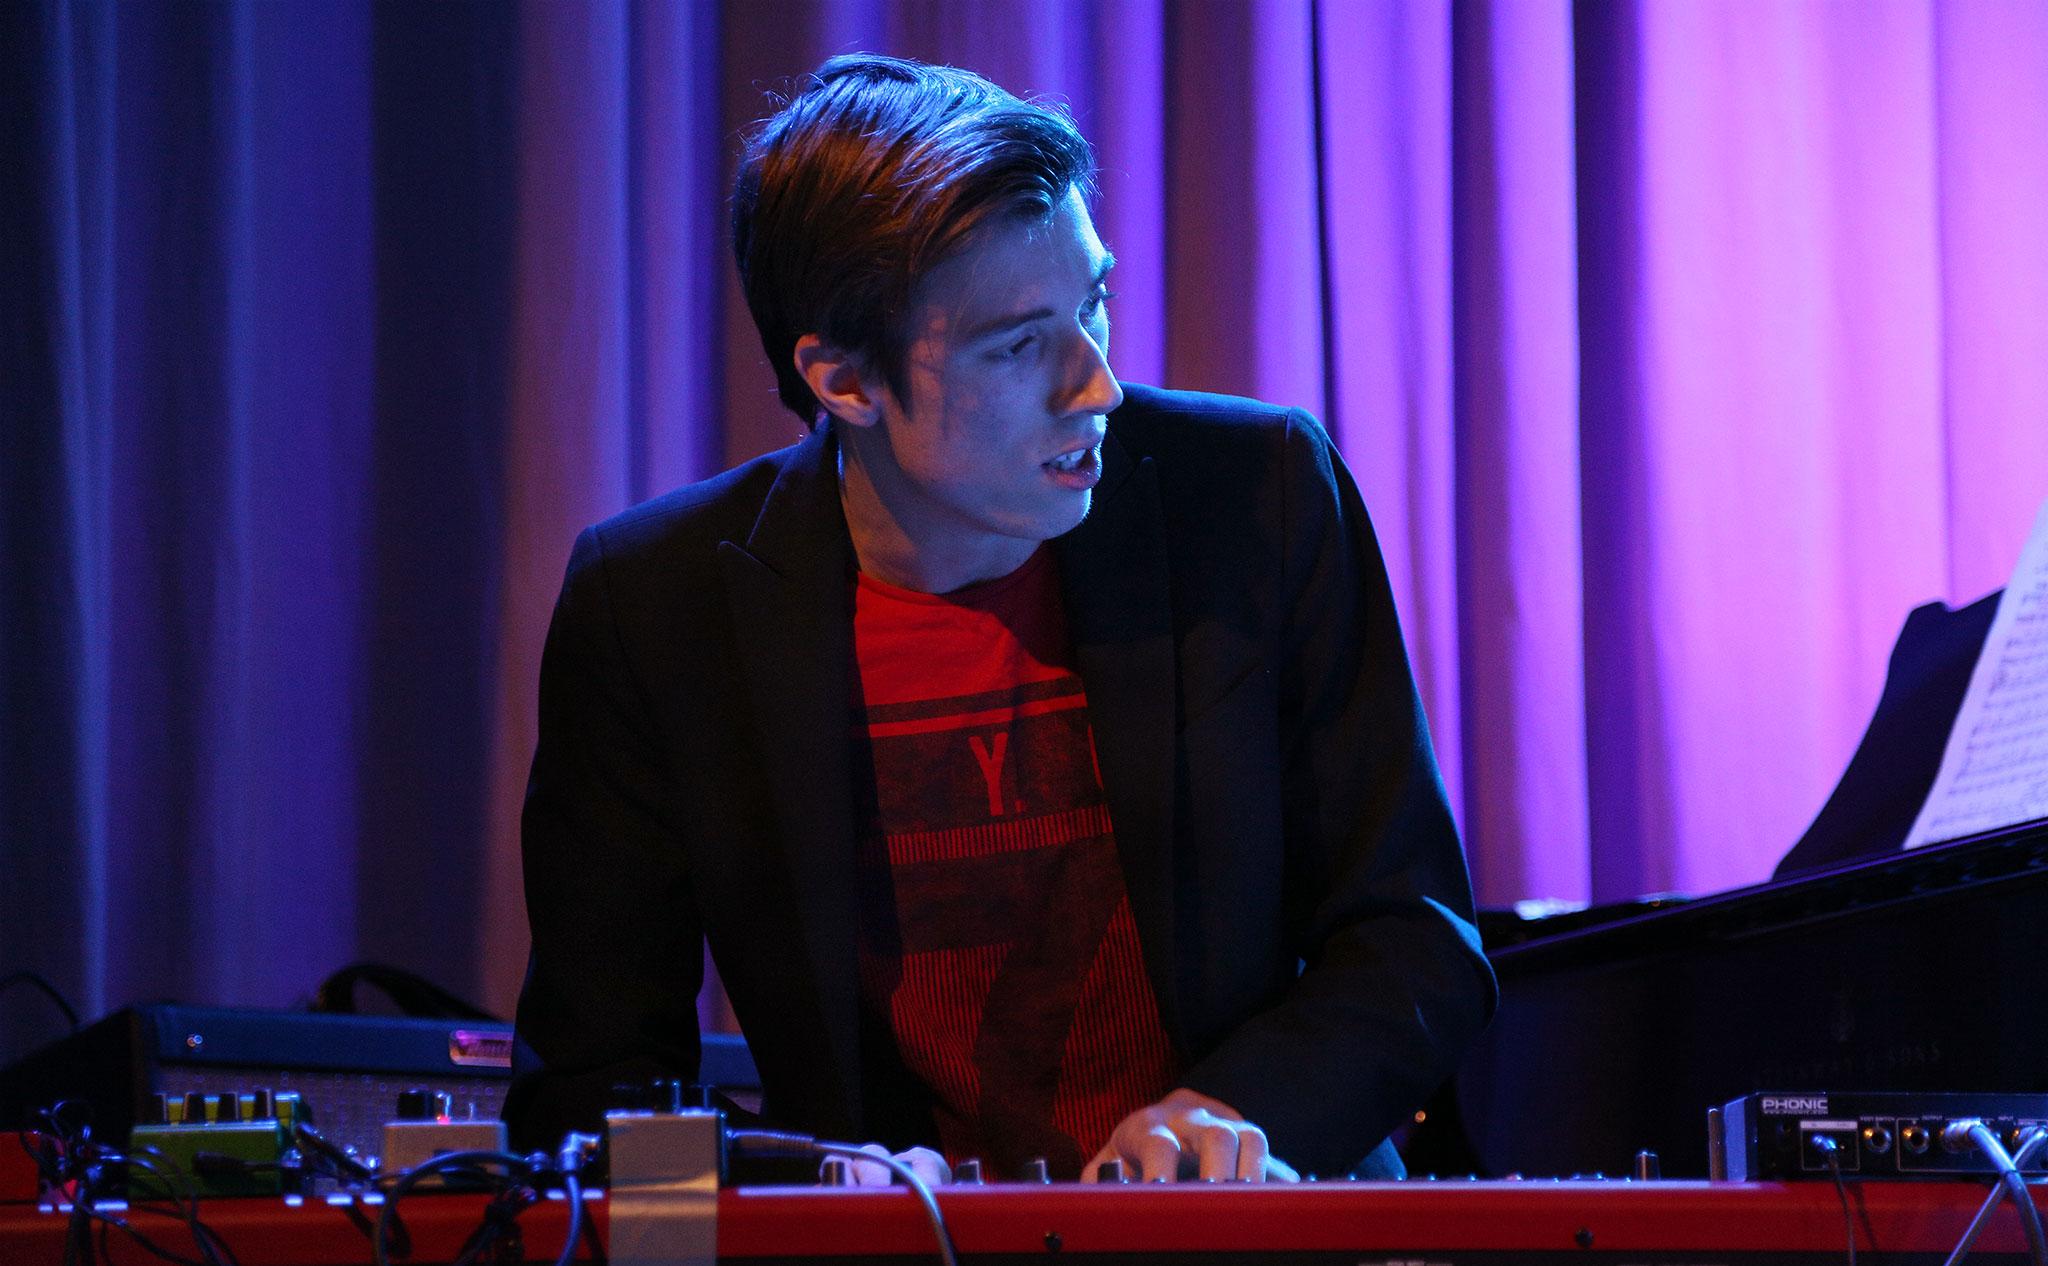 Deltagare spelar elpiano, framåtlutad och tittar åt höger i bild.